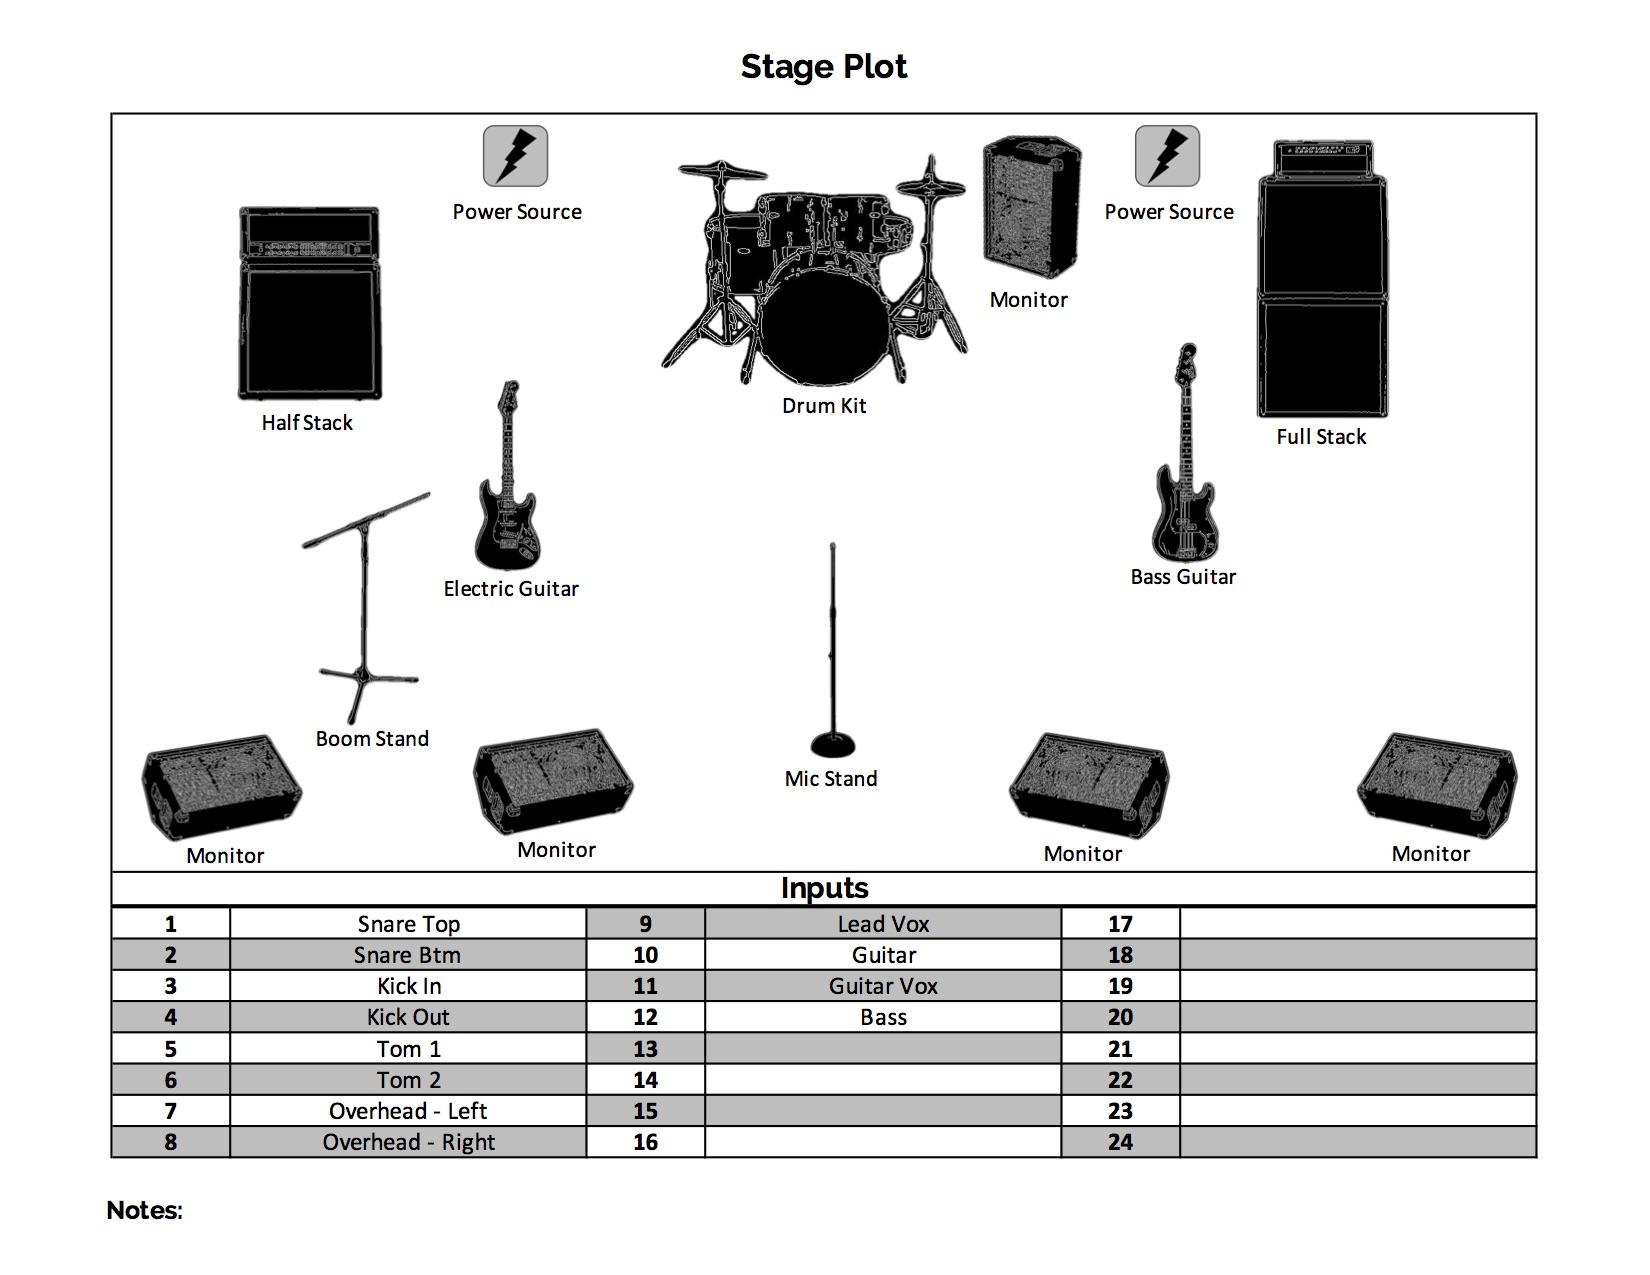 Stage Plot Designer Megaphone Agency